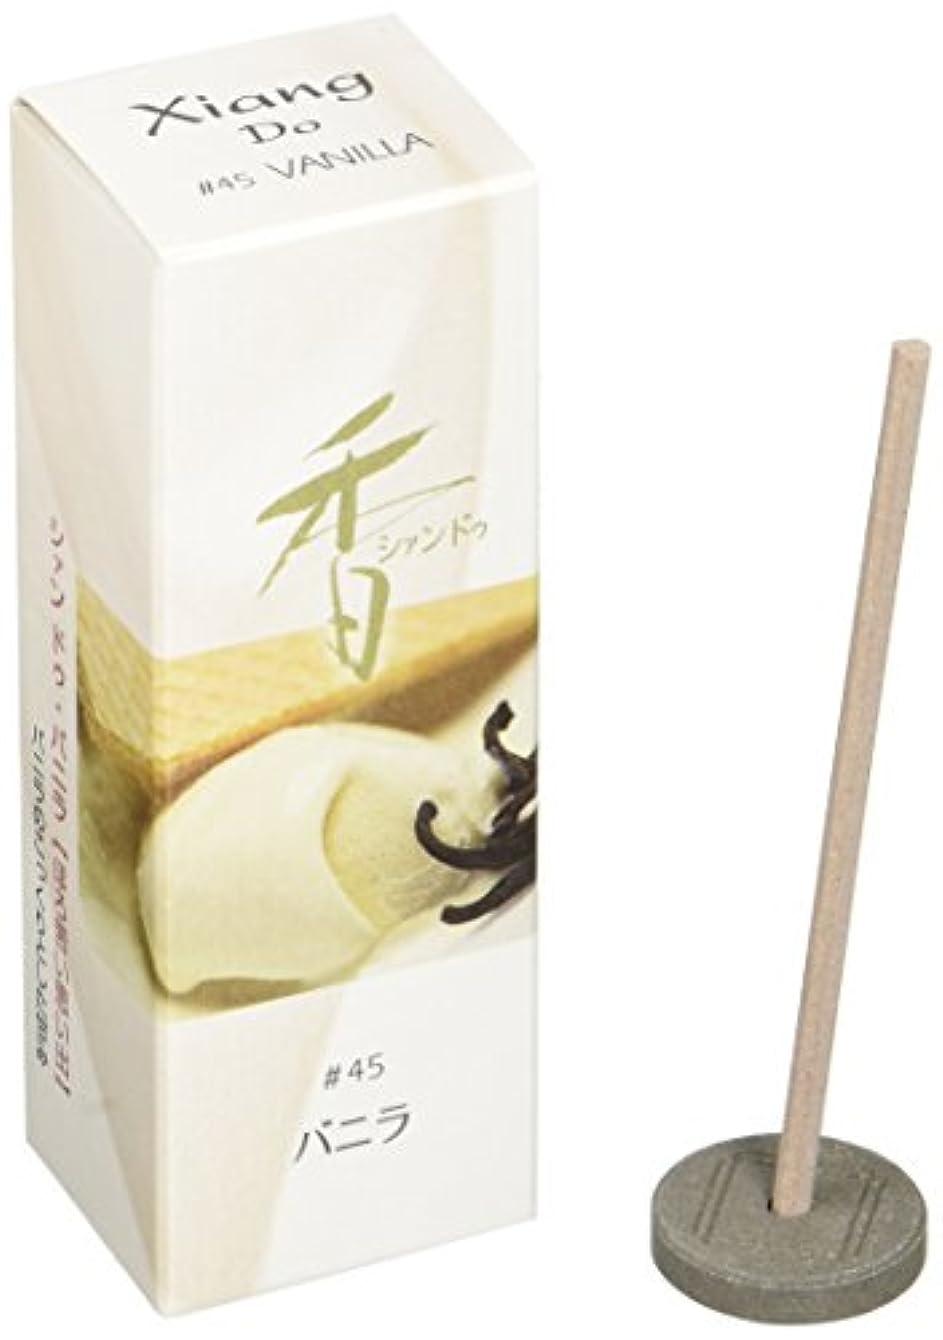 引く気分不十分な松栄堂のお香 Xiang Do(シャンドゥ) バニラ ST20本入 簡易香立付 #214245